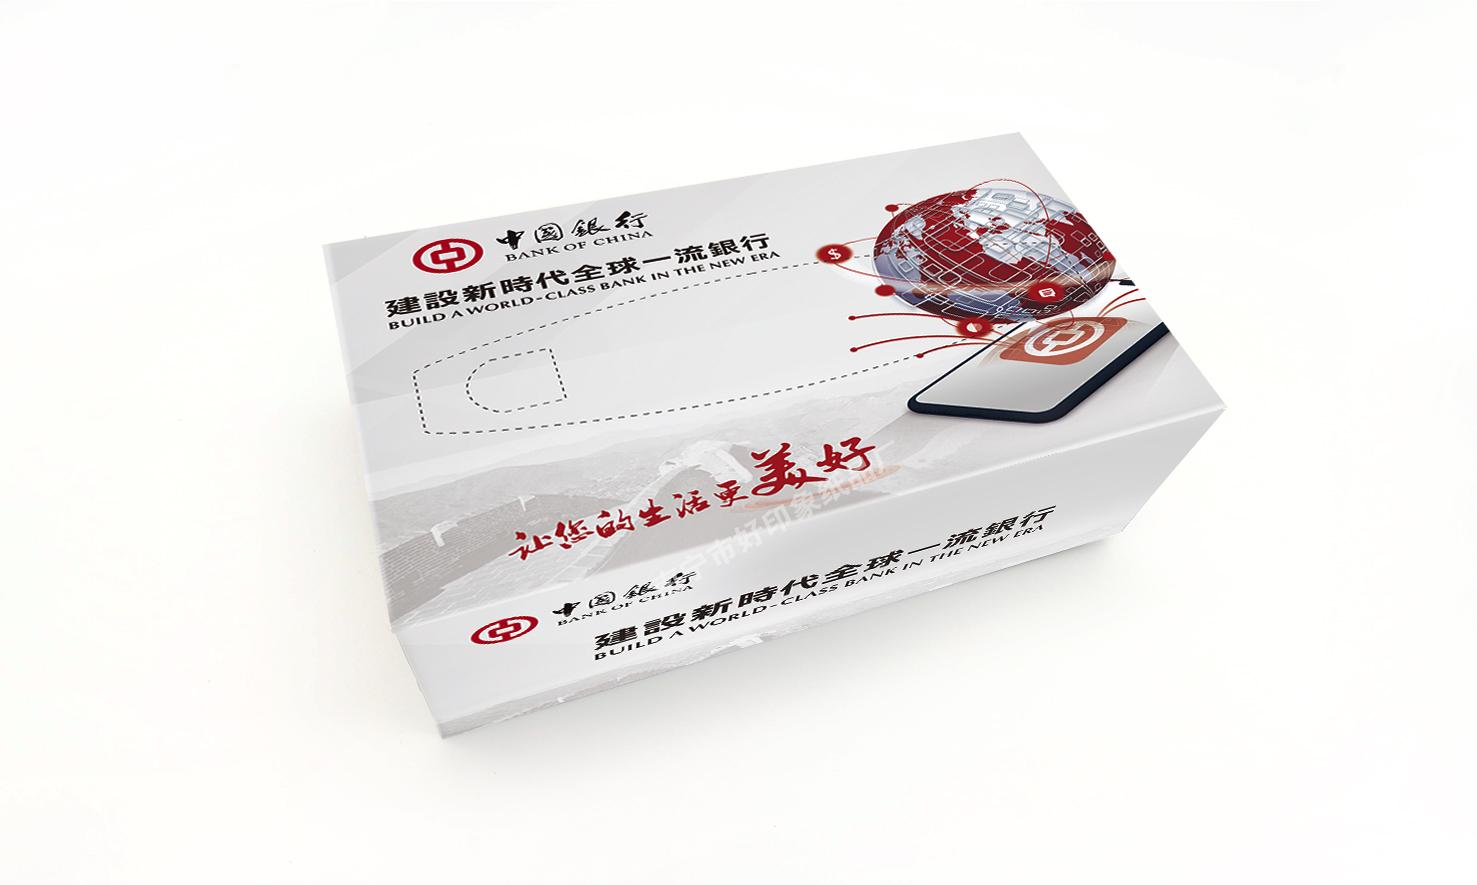 中国银行广告盒抽纸巾